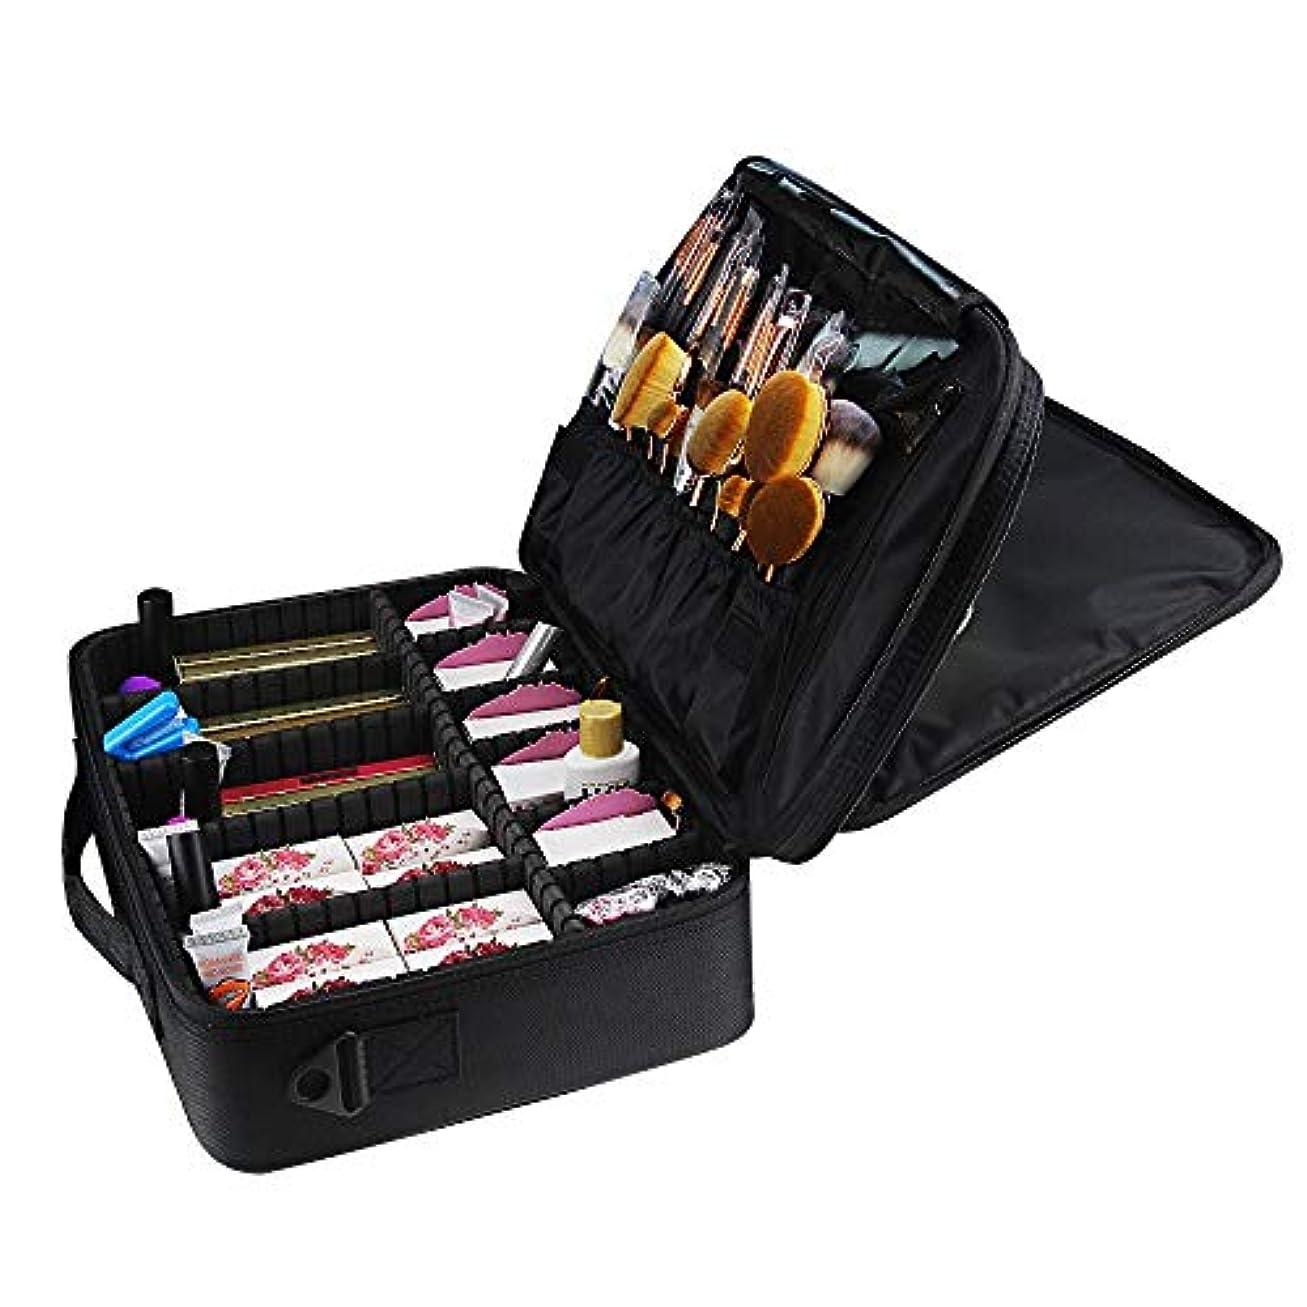 包括的眩惑する広々とした特大スペース収納ビューティーボックス 女の子および女性のための調節可能な肩ひものディバイダーの収納箱が付いている旅行化粧品袋の革収納袋 化粧品化粧台 (色 : ブラック)